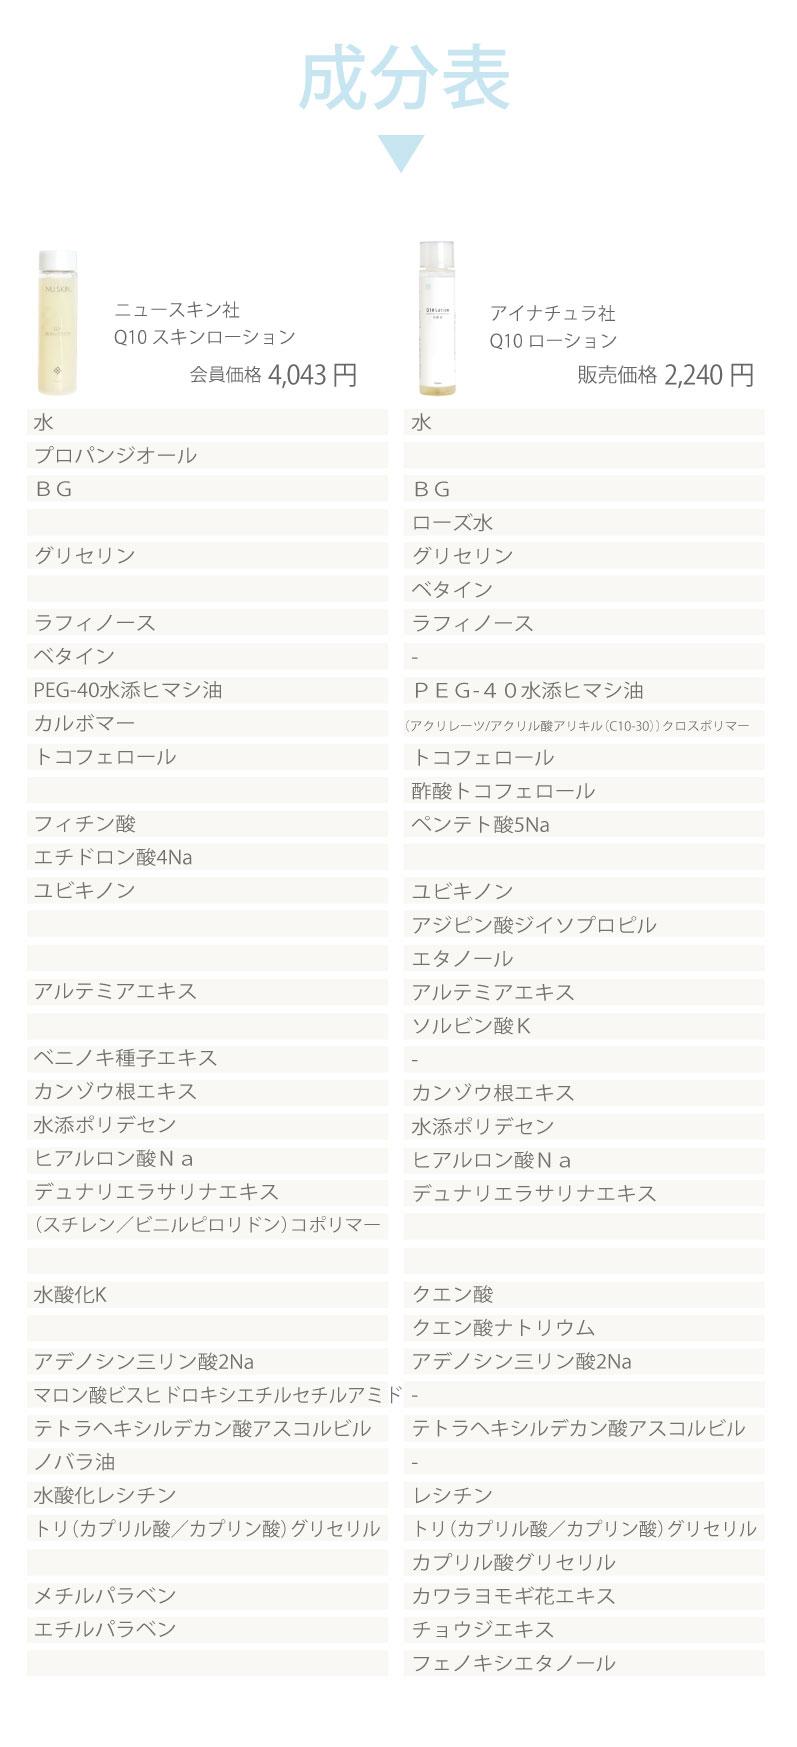 ニュースキン社Q10スキンローションとアイナチュラ社Q10ローション成分表